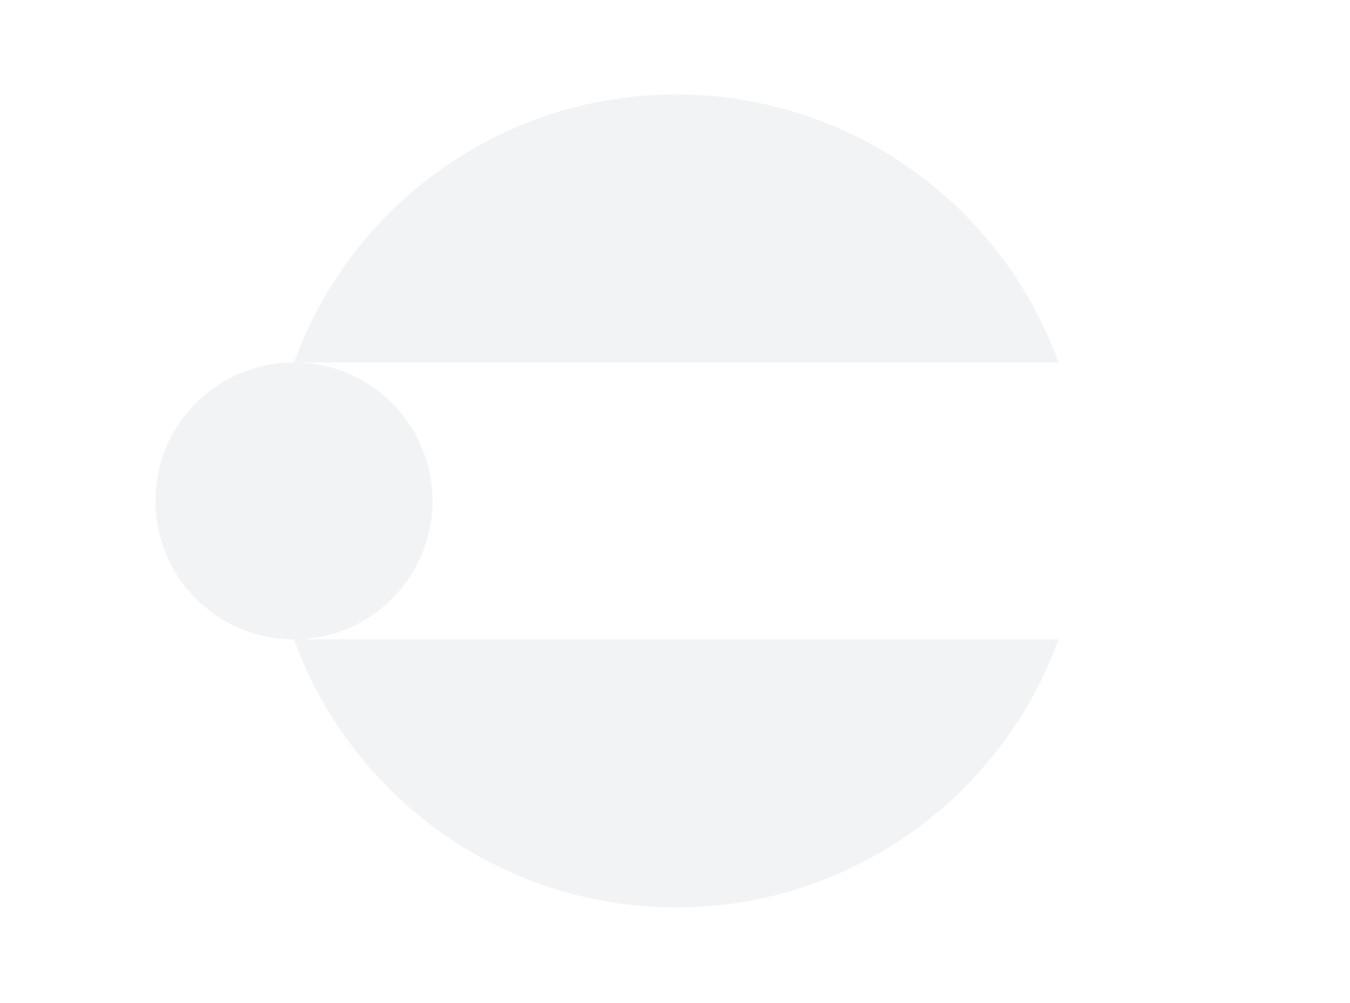 TRSHMSTR Filter / Distortion Module